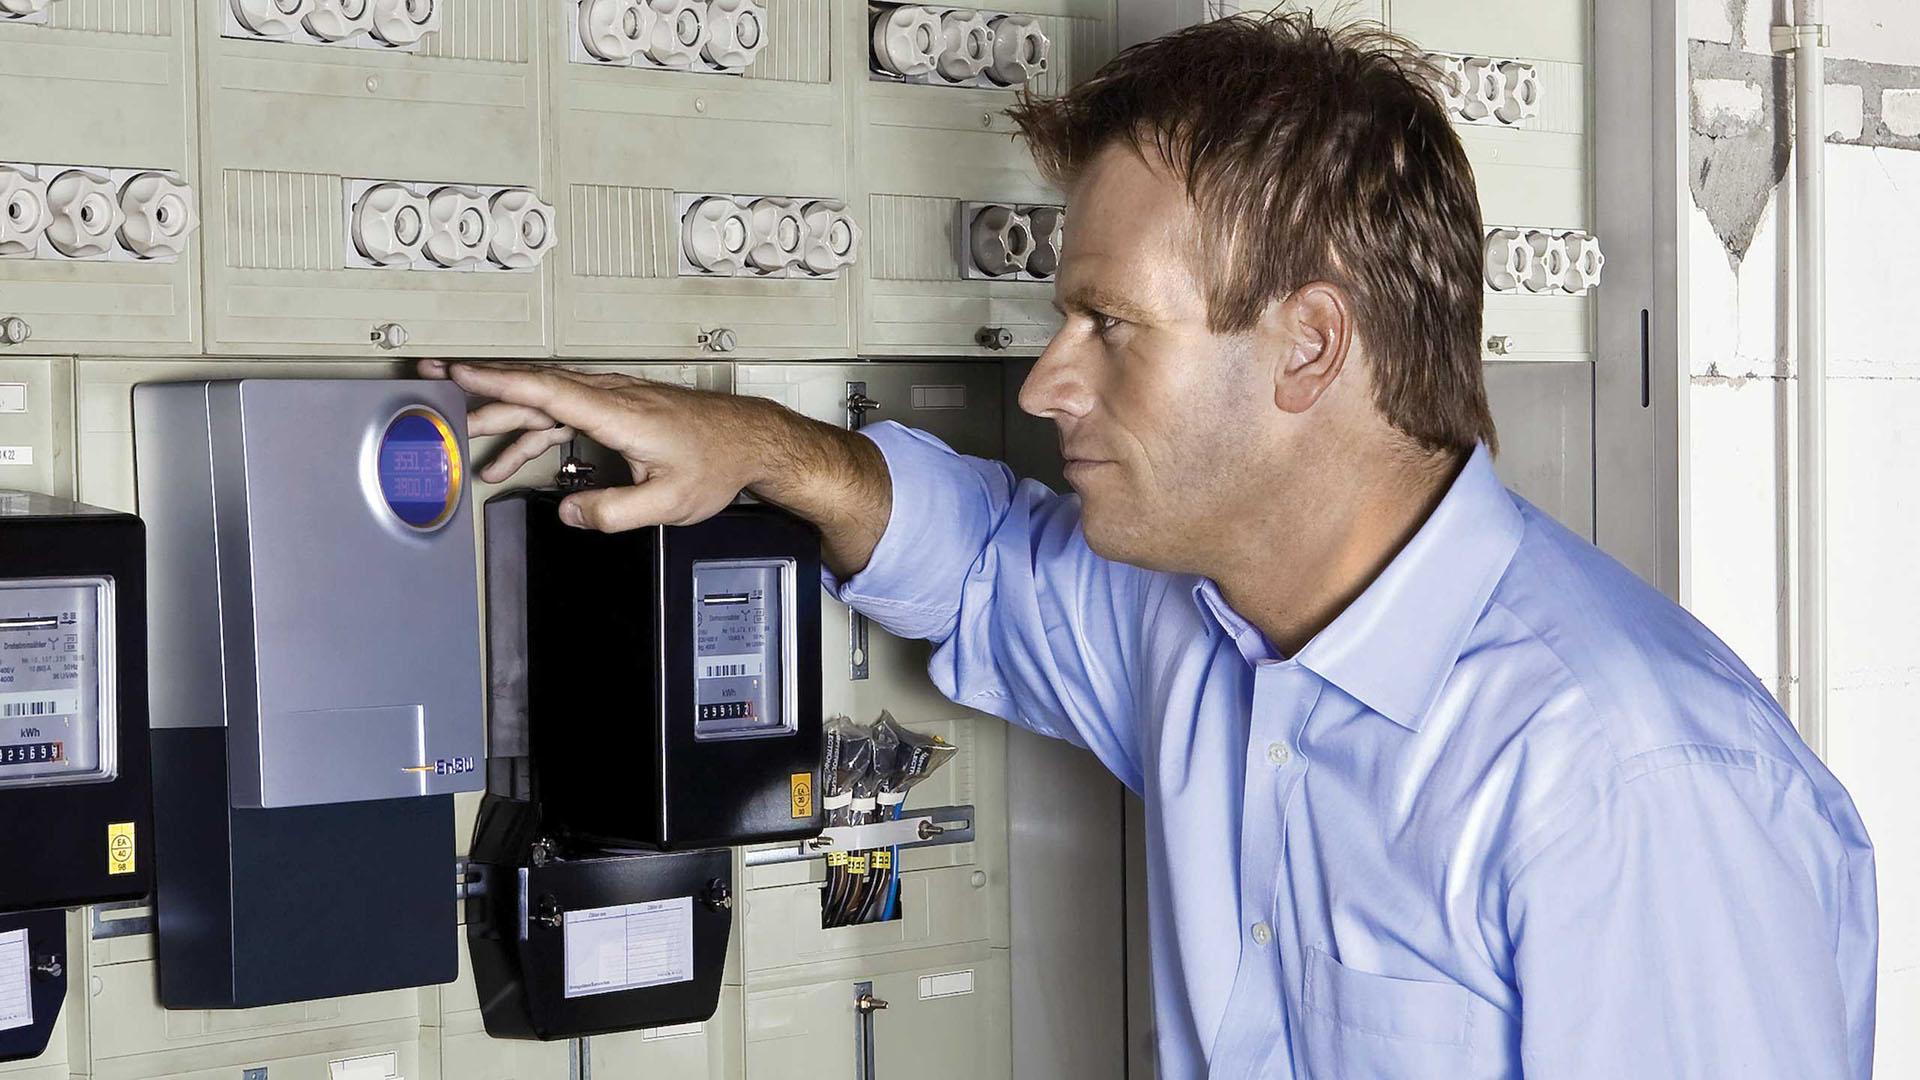 Intelligente Stromzähler: mehr als dumpfes Zählen